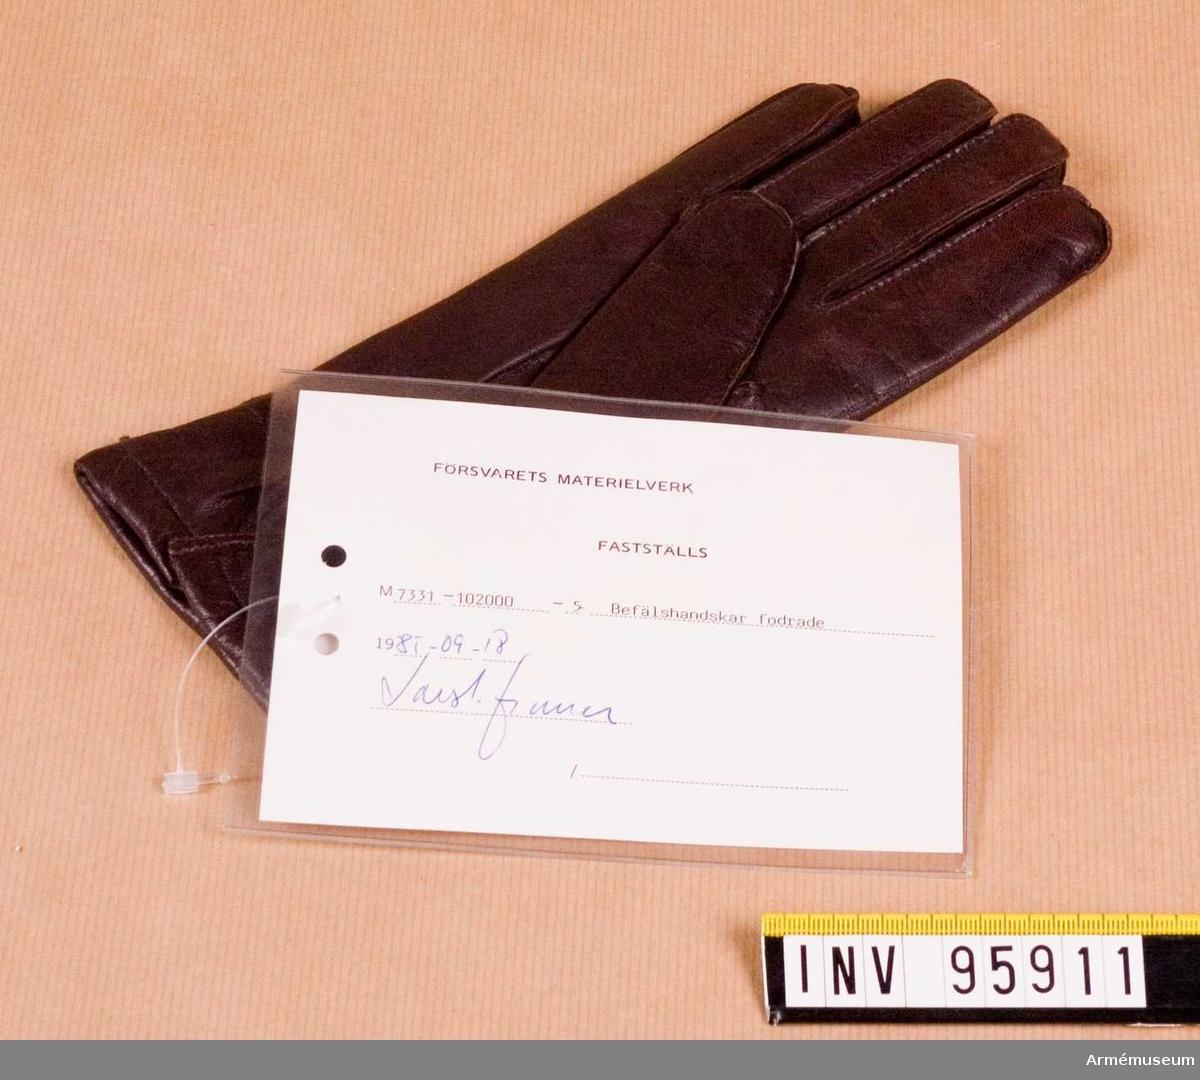 """Fodrad, femfingrad handske tillverkad av brun fårnappa och försedd med resår för åtstramning vid handloven samt slits vid överkanten. Högerhandske storlek 7. Vidhängande etikett: """"Försvarets materielverk, Fastställs, M 7331-102000-5 Befälshandskar fodrade, 1985-09-18  (oläslig underskrift)"""""""